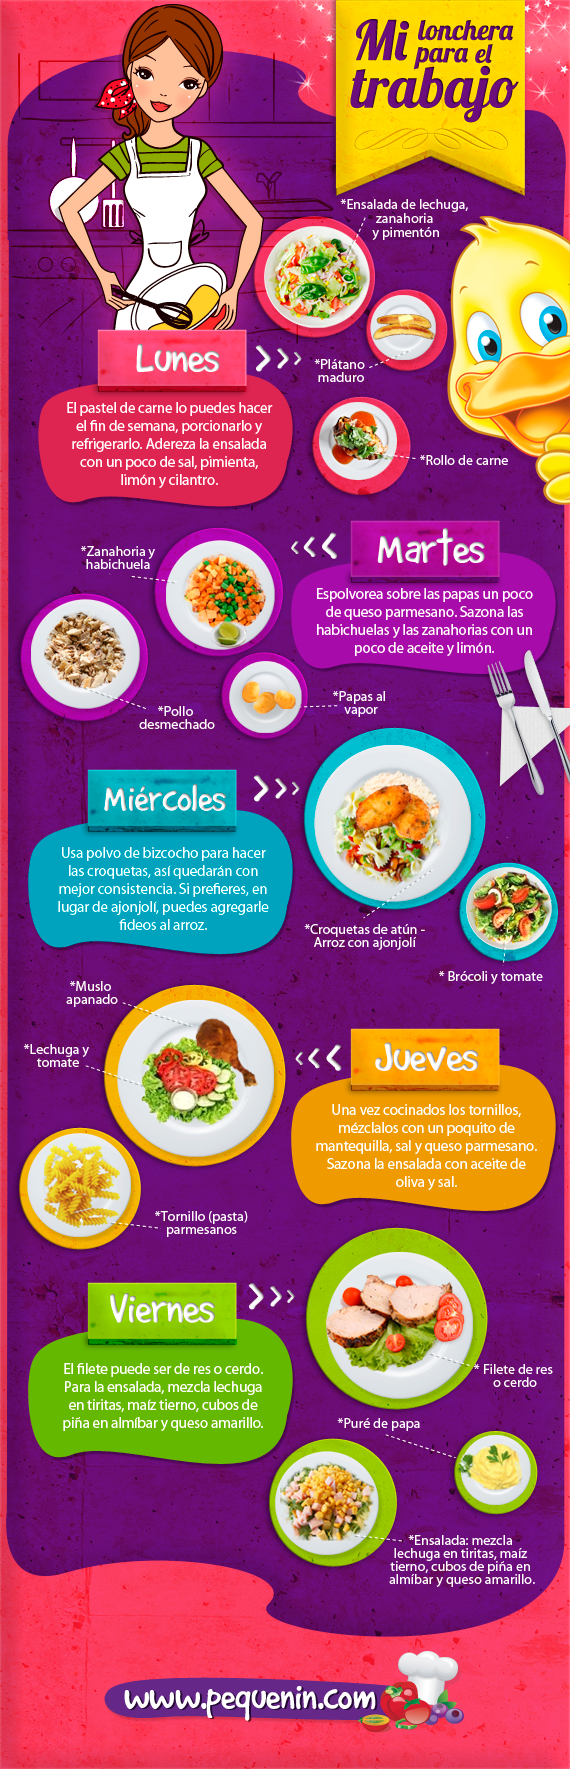 Mi lonchera para el trabajo comida saludable embarazo baby and pregnancy preparation - Alimentos saludables para embarazadas ...